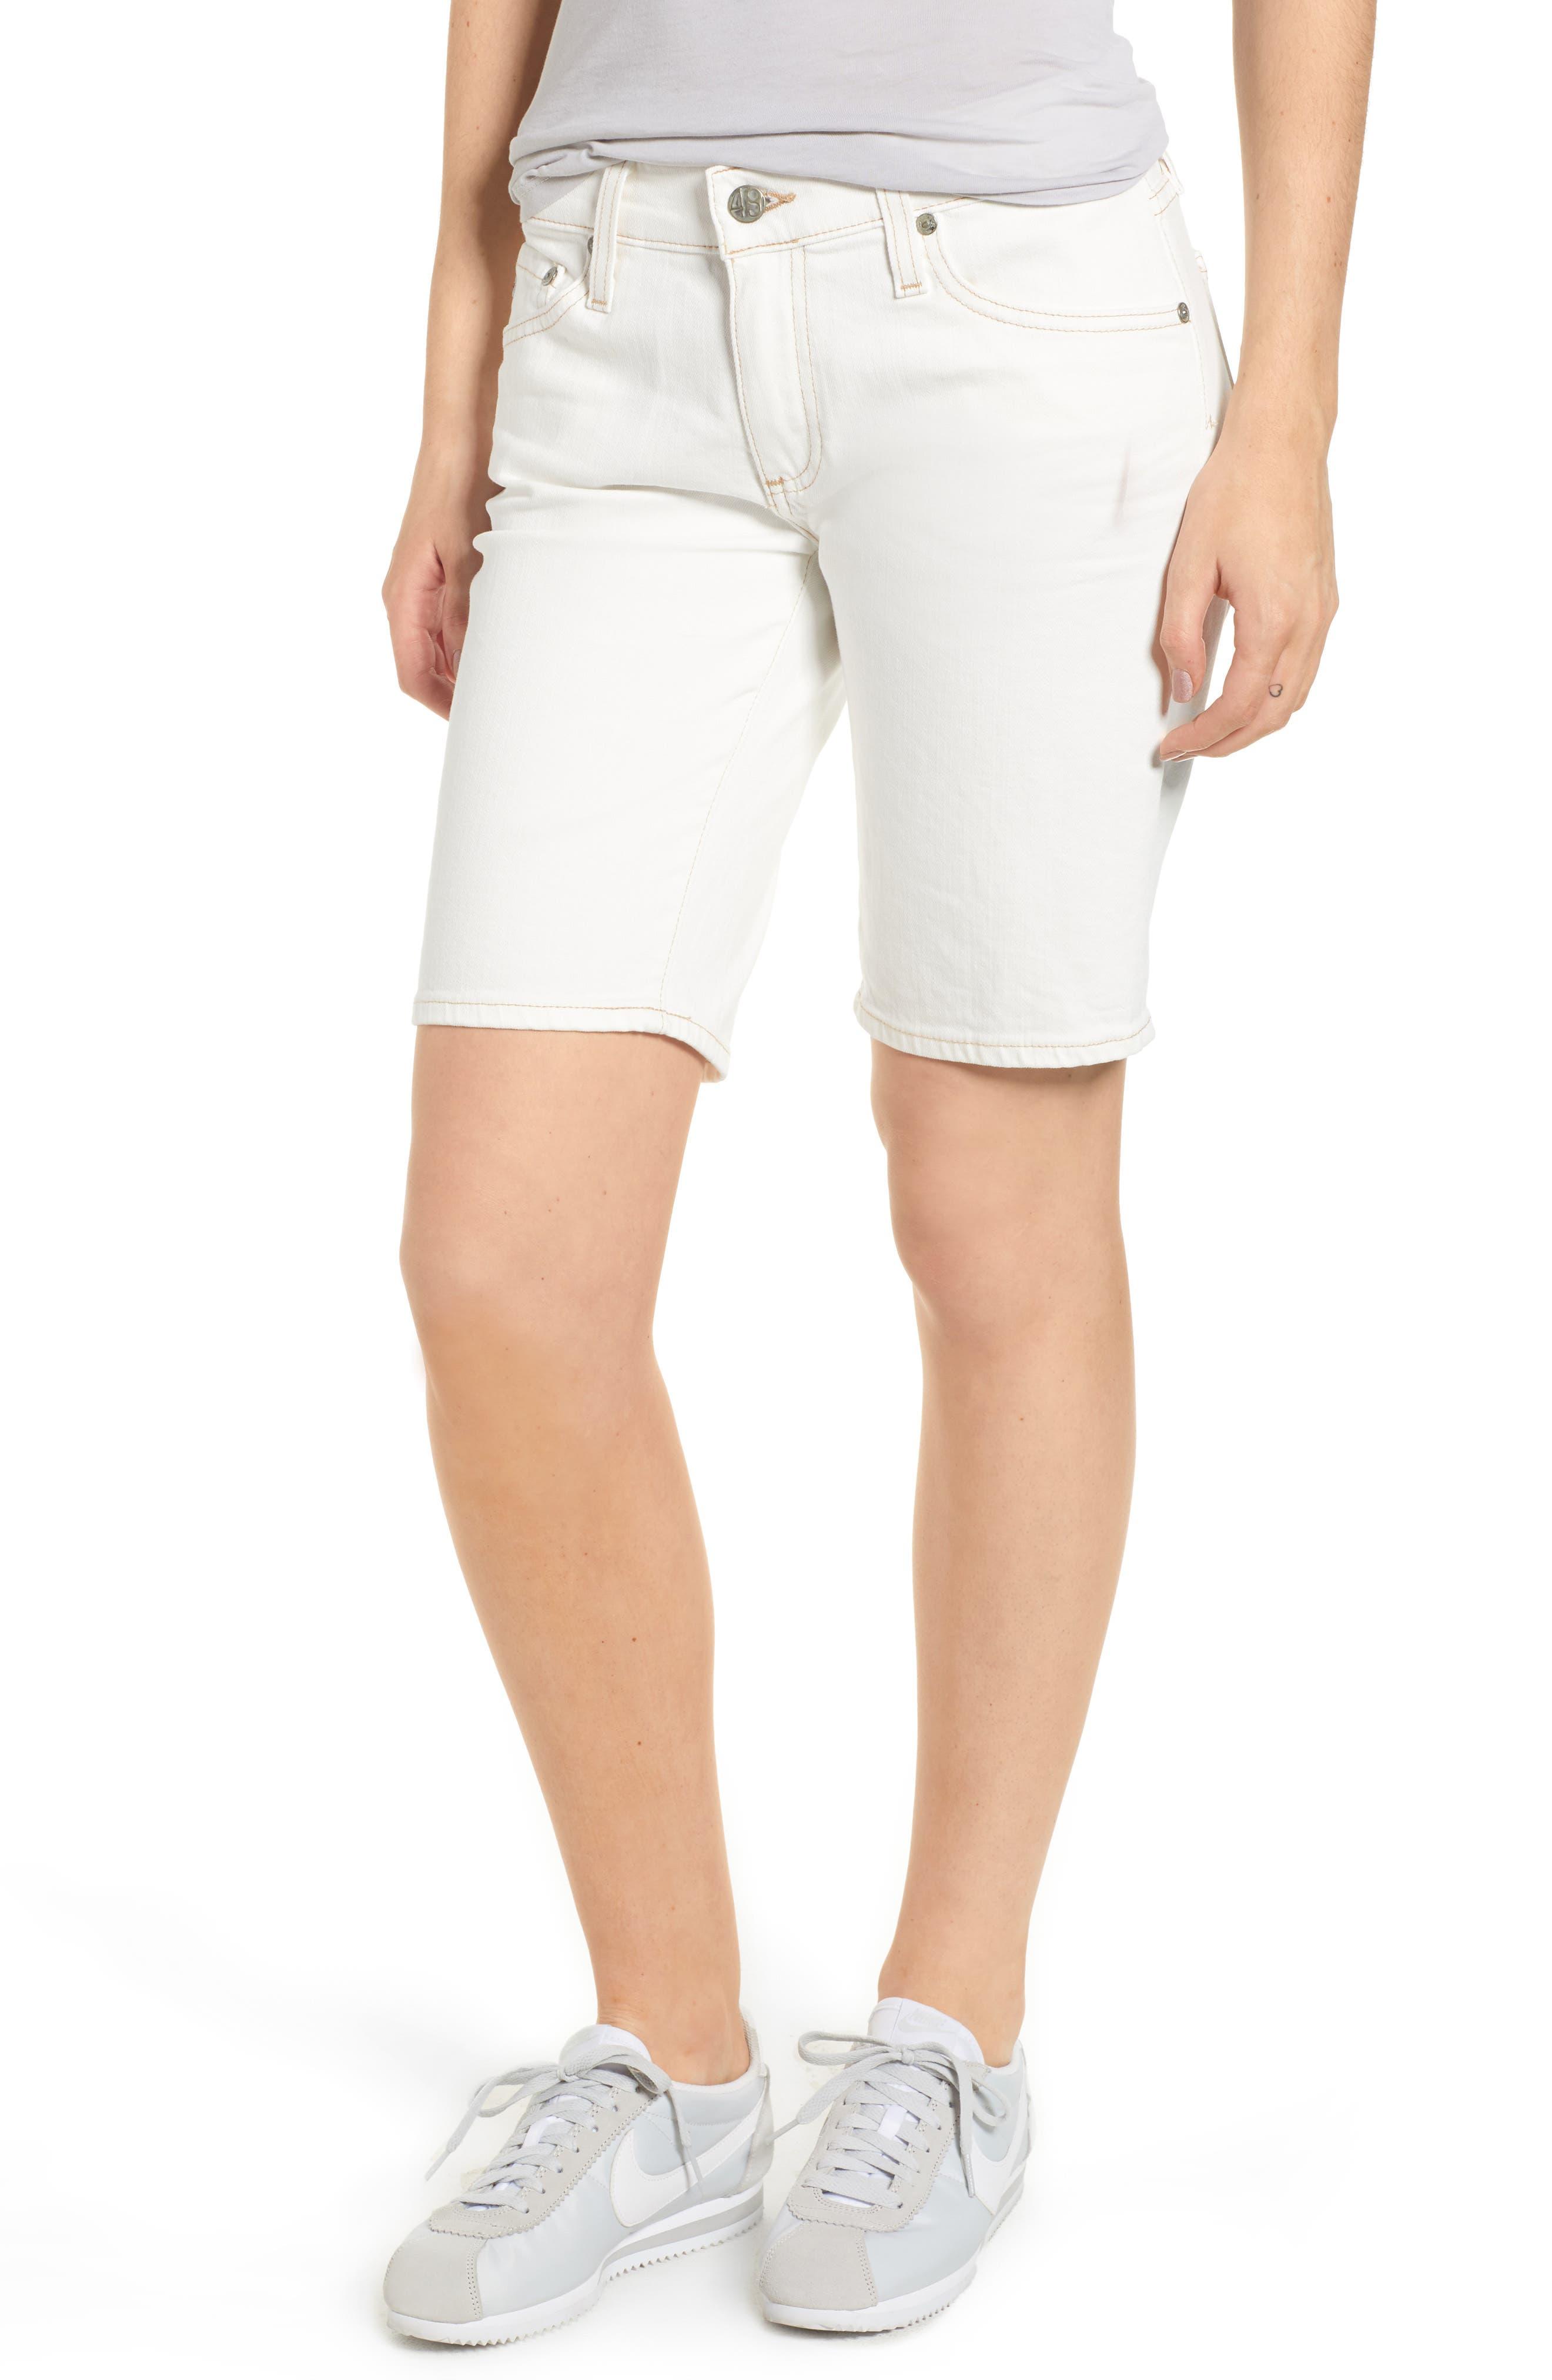 Main Image - AG Nikki Denim Bermuda Shorts (1 Year Neutral White)